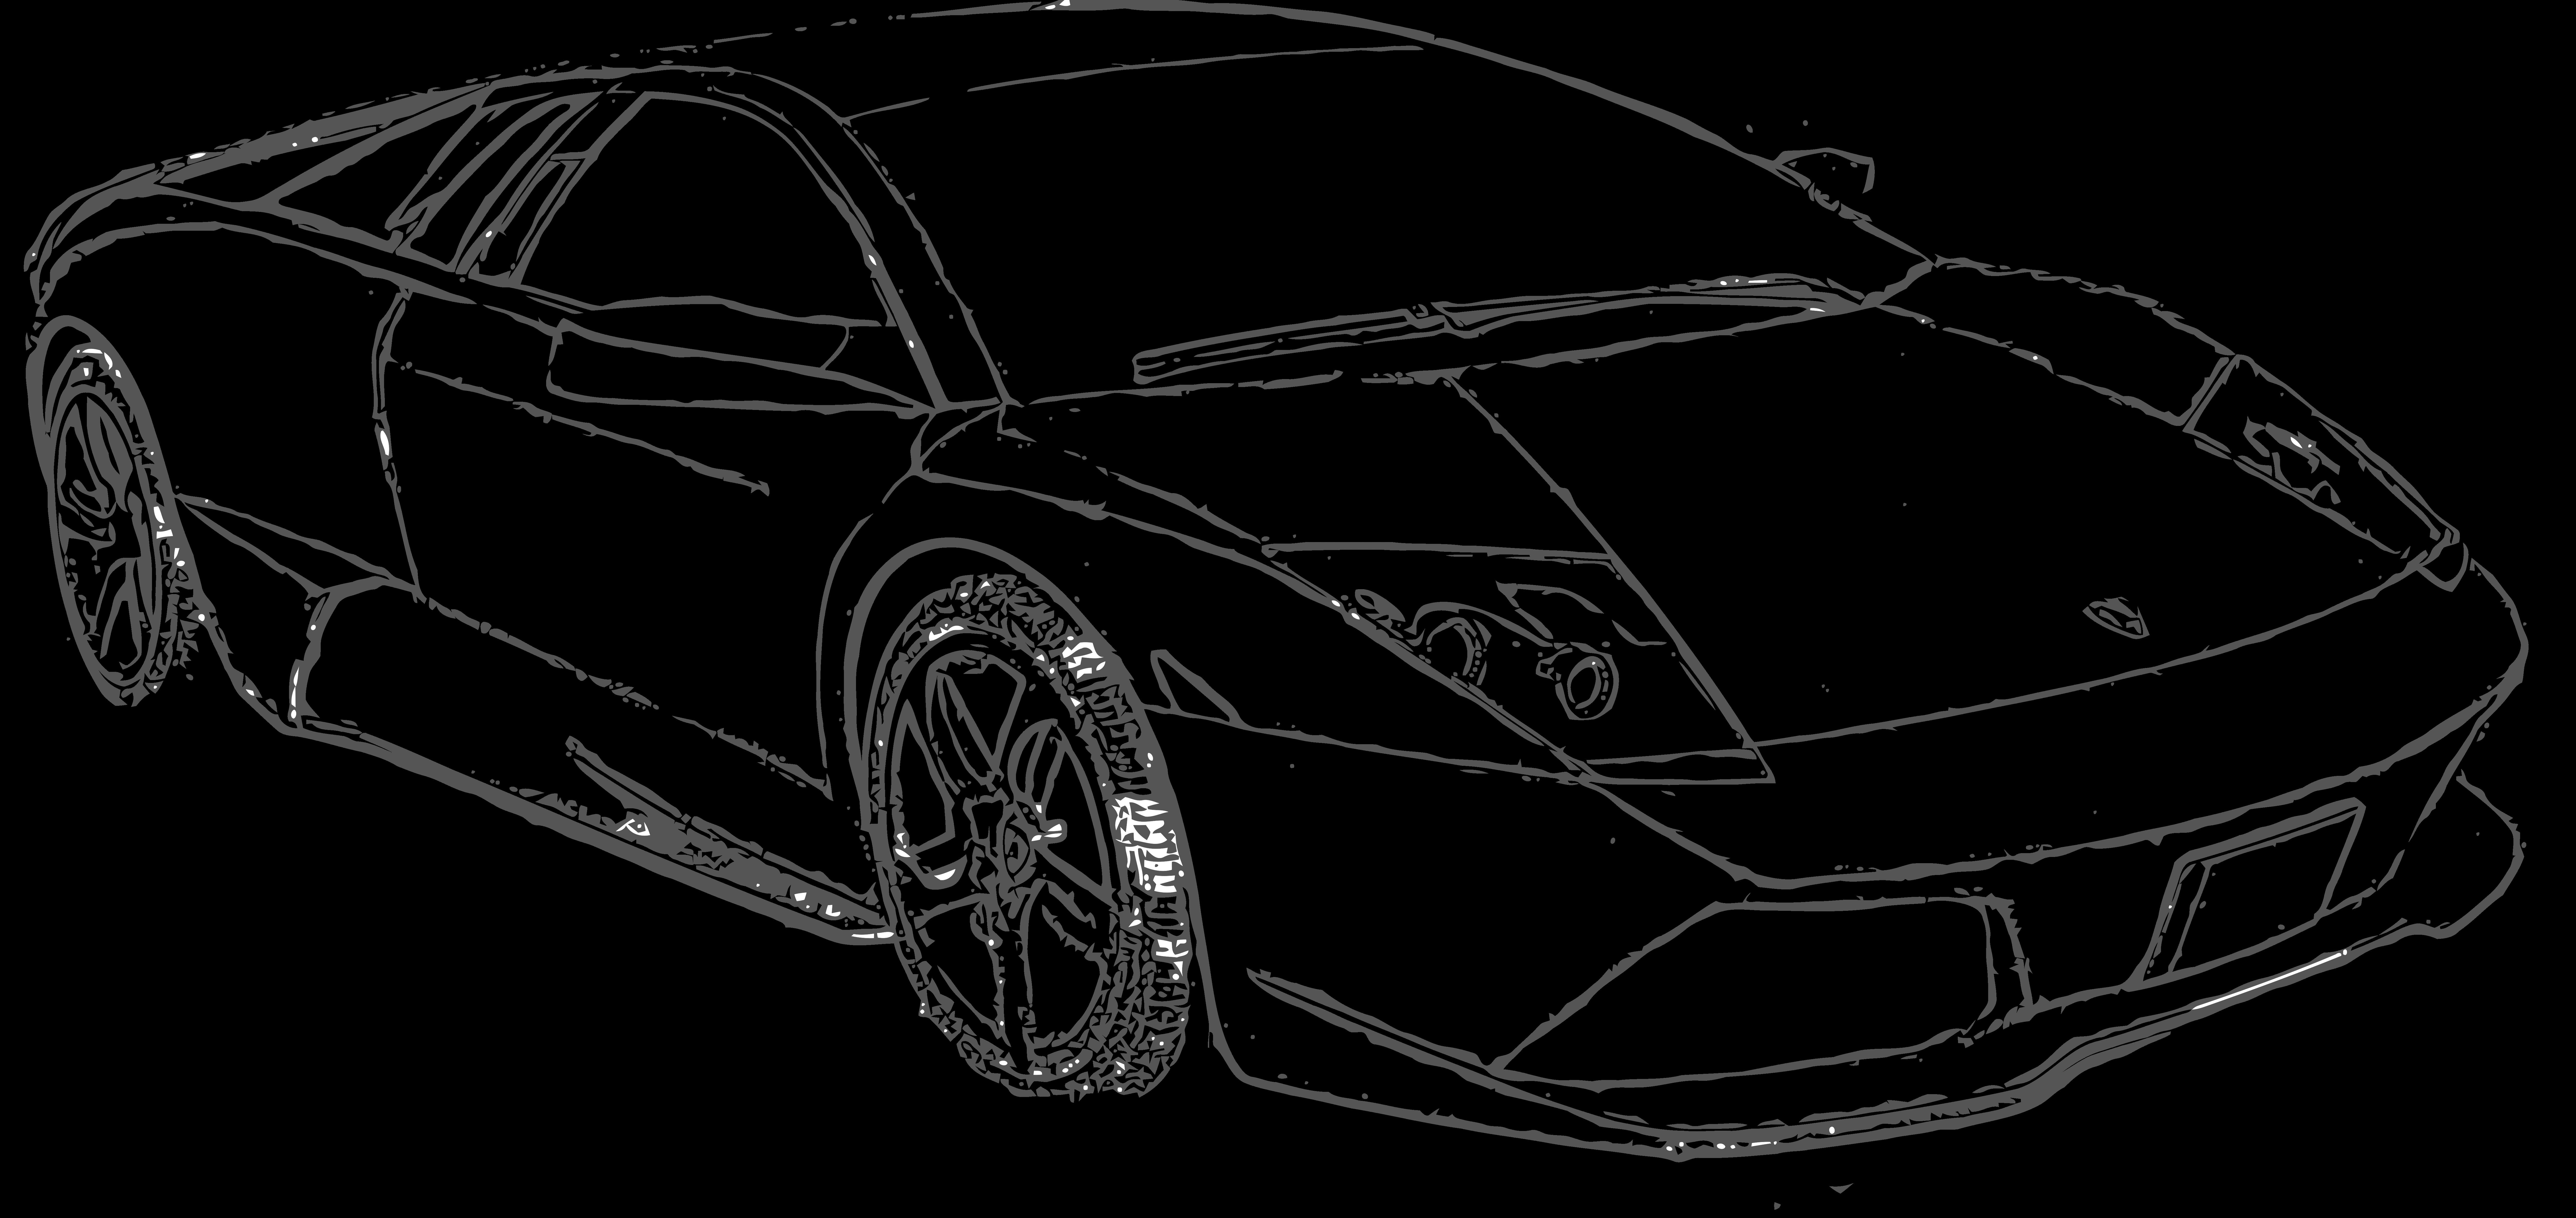 Free To Use Lamborghini Murcielago Lineart By E A 2 On